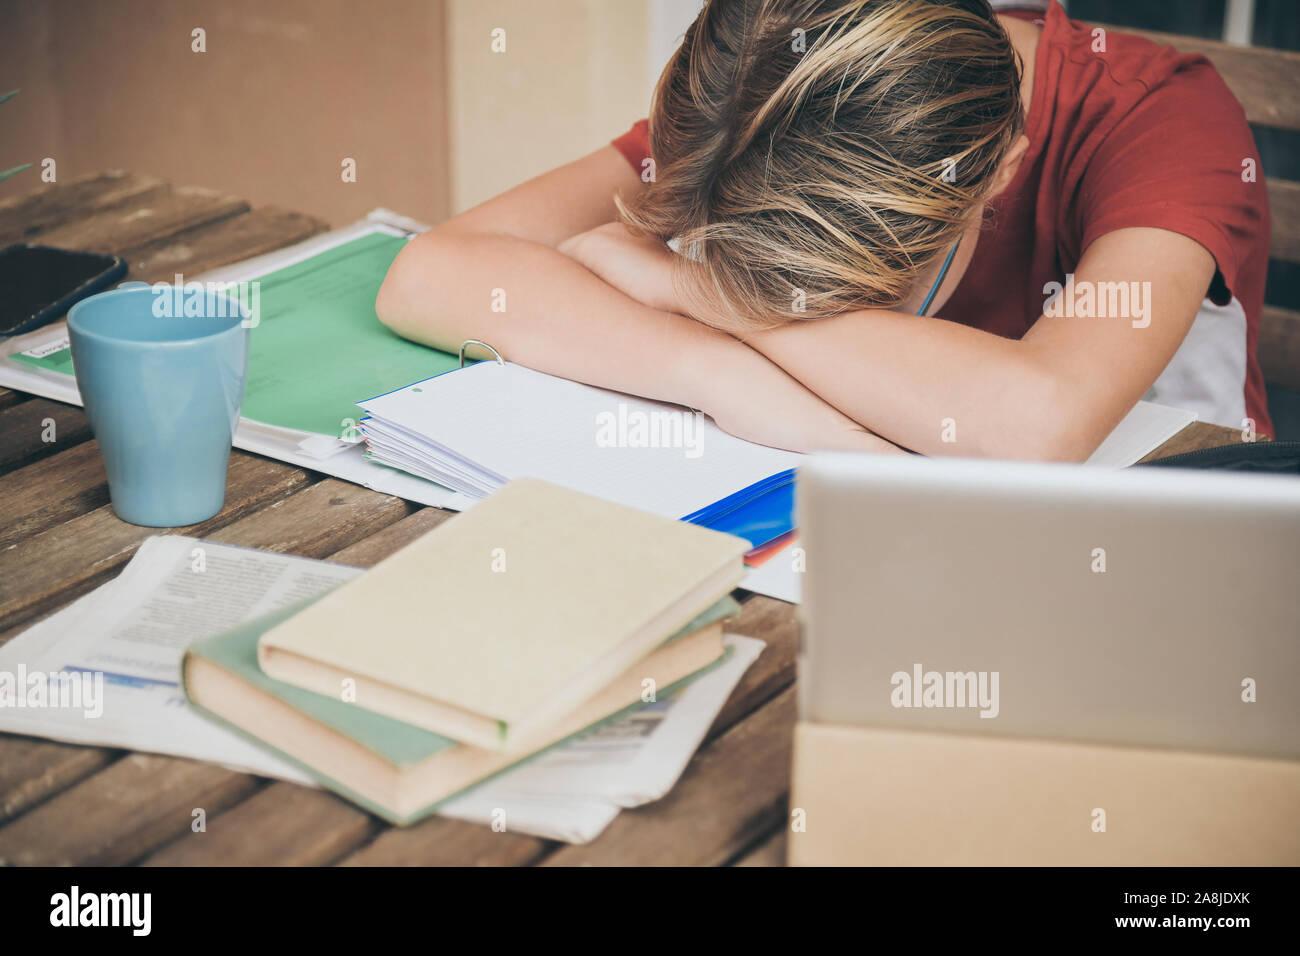 Müde Schüler Hausaufgaben zu Hause sitzen im Freien mit Schule Bücher und Zeitungen. Junge müde wegen der schweren studieren. Kind schlafend auf dem copybook nach l Stockfoto